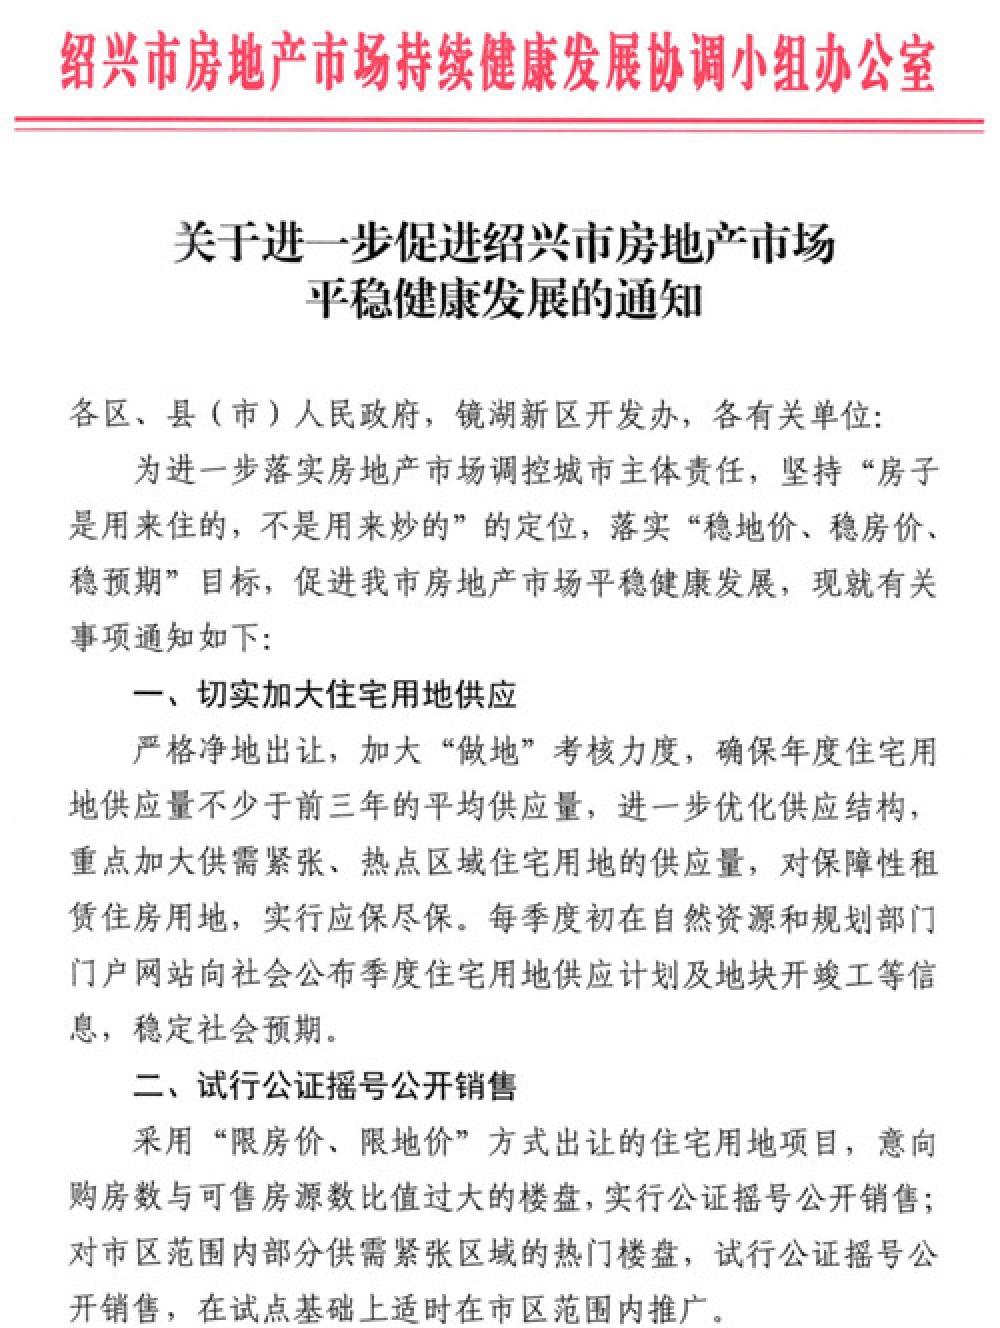 5月8日,浙江省绍兴市房地产市场持续健康发展协调小组办公室印发《关于进一步促进绍兴市房地产市场平稳健康发展的通知》。